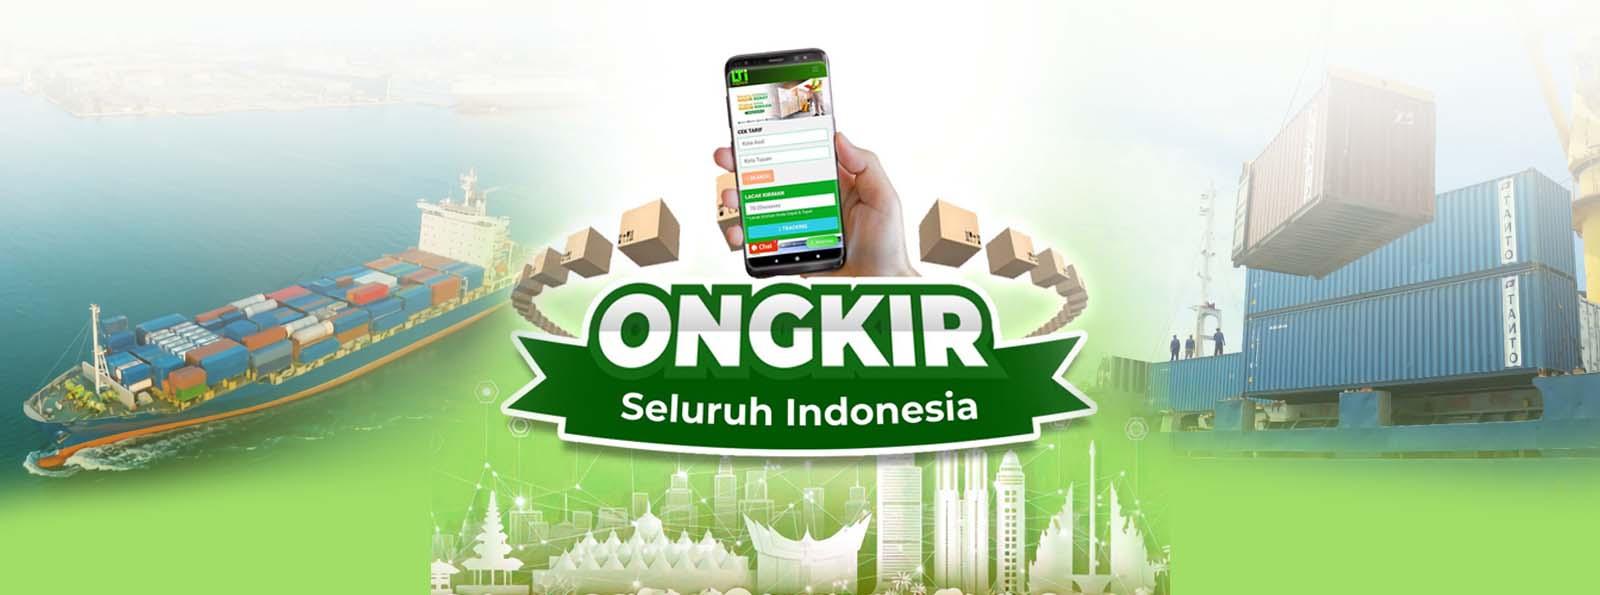 Ongkir Pengiriman Surabaya